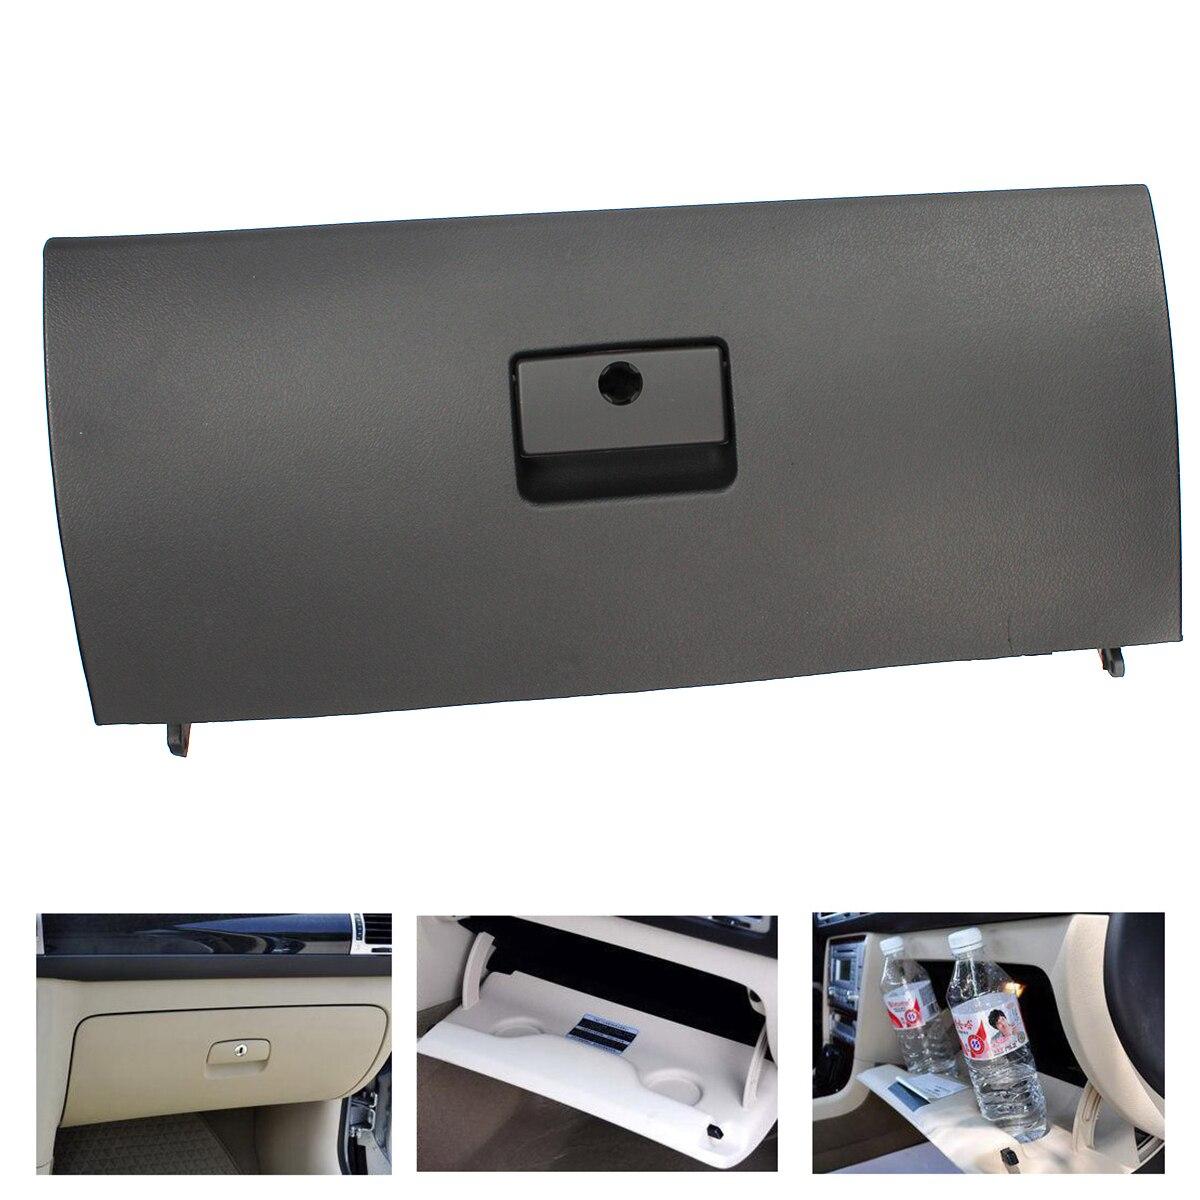 Nouveau Noir Porte Couvercle Boîte à Gants Couverture pour VW GOLF JETTA A4 MK4 BORA 1J1 857 121 Un